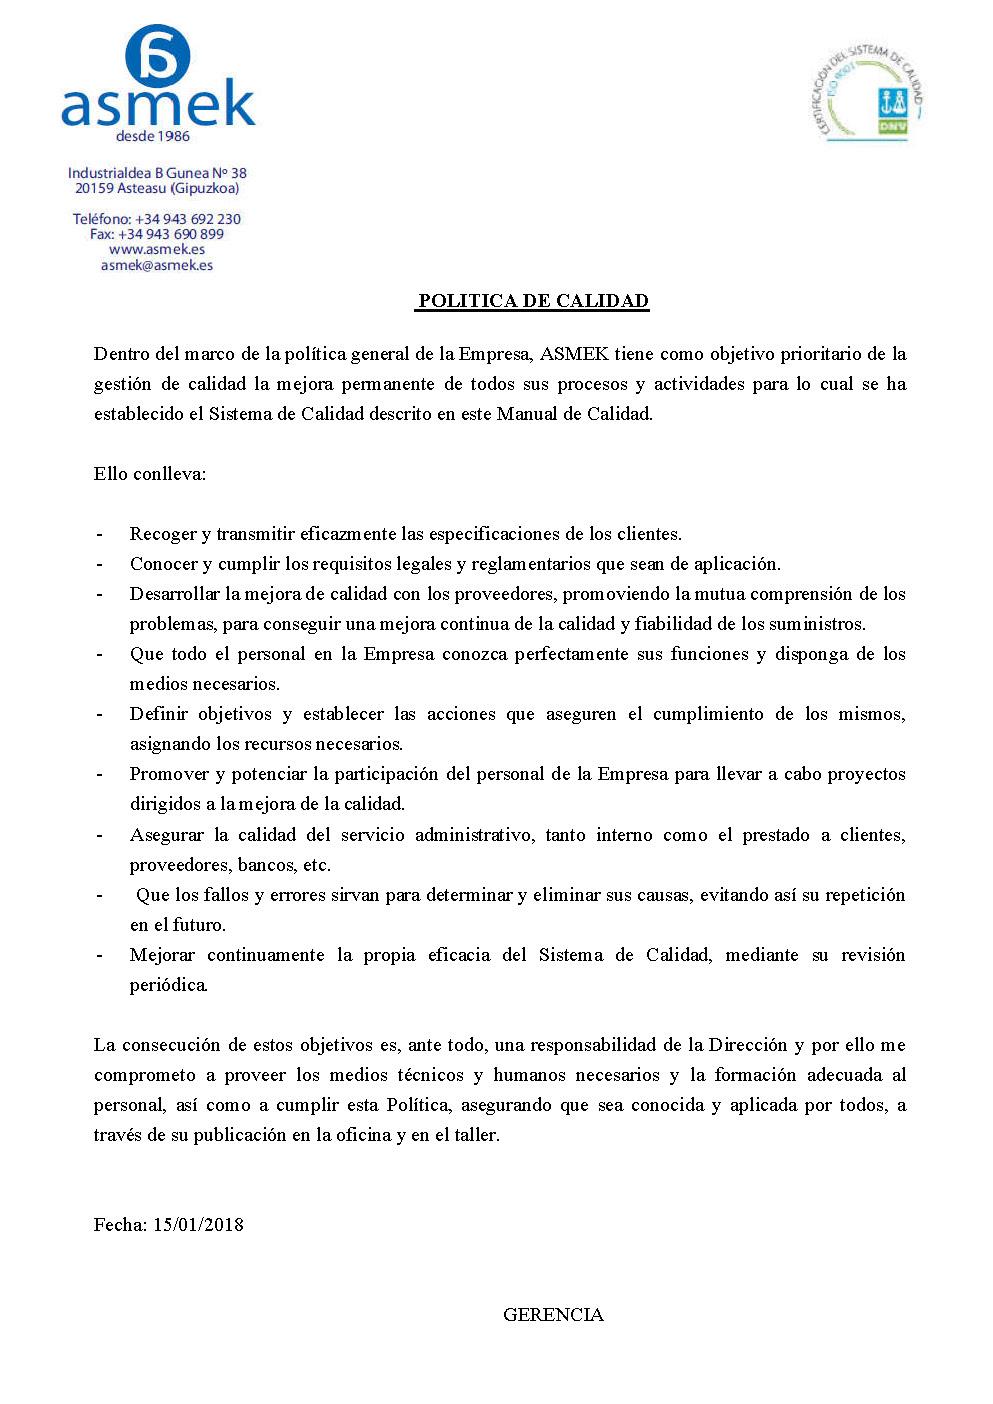 ISO 9001-2008_ingles